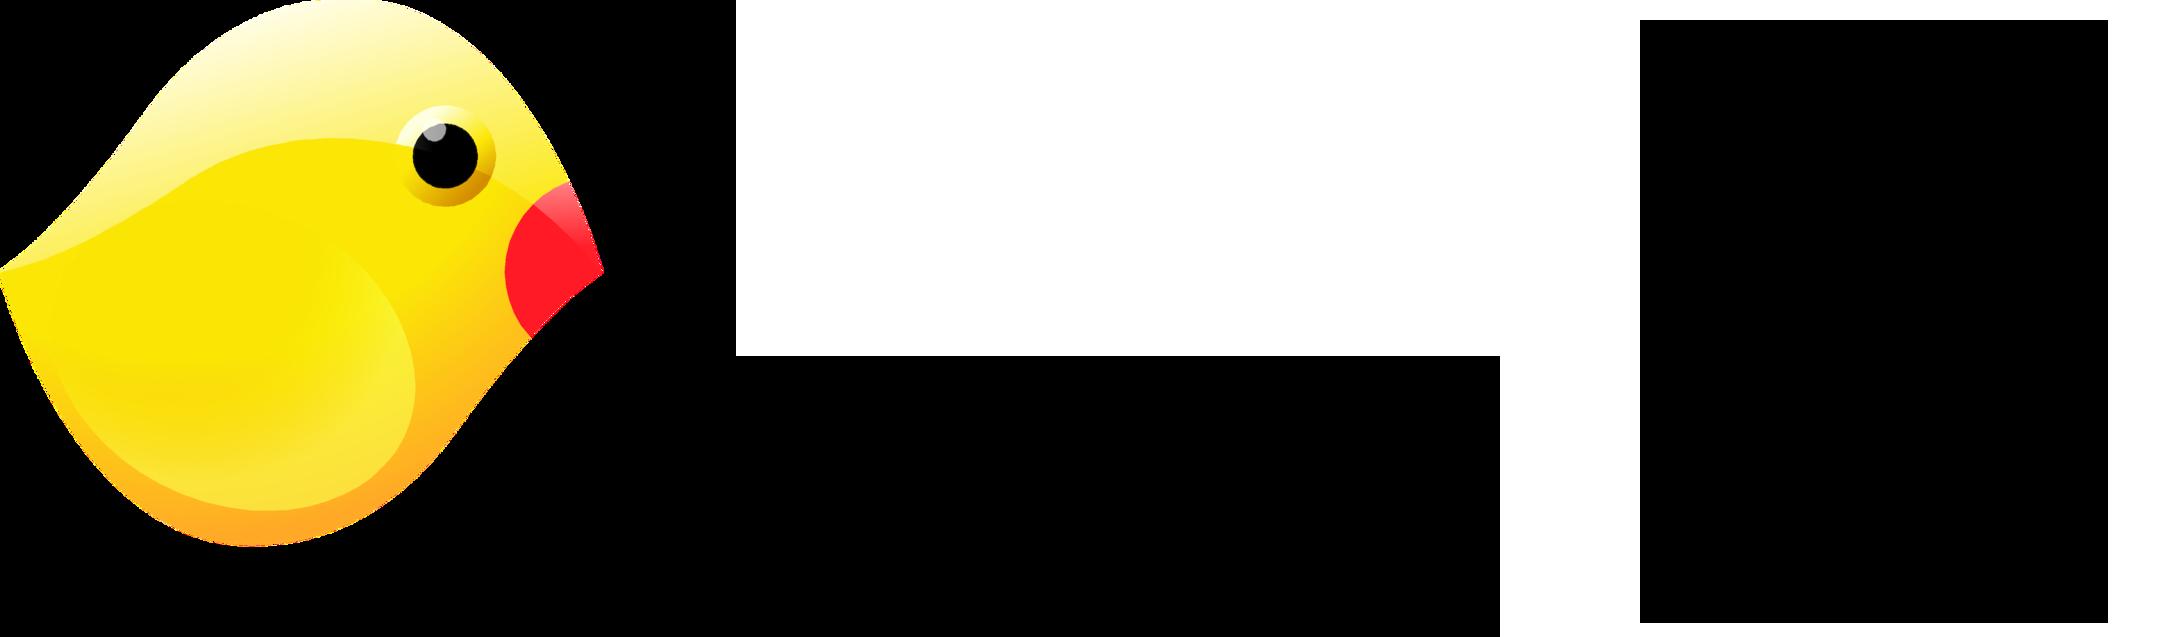 Qnary